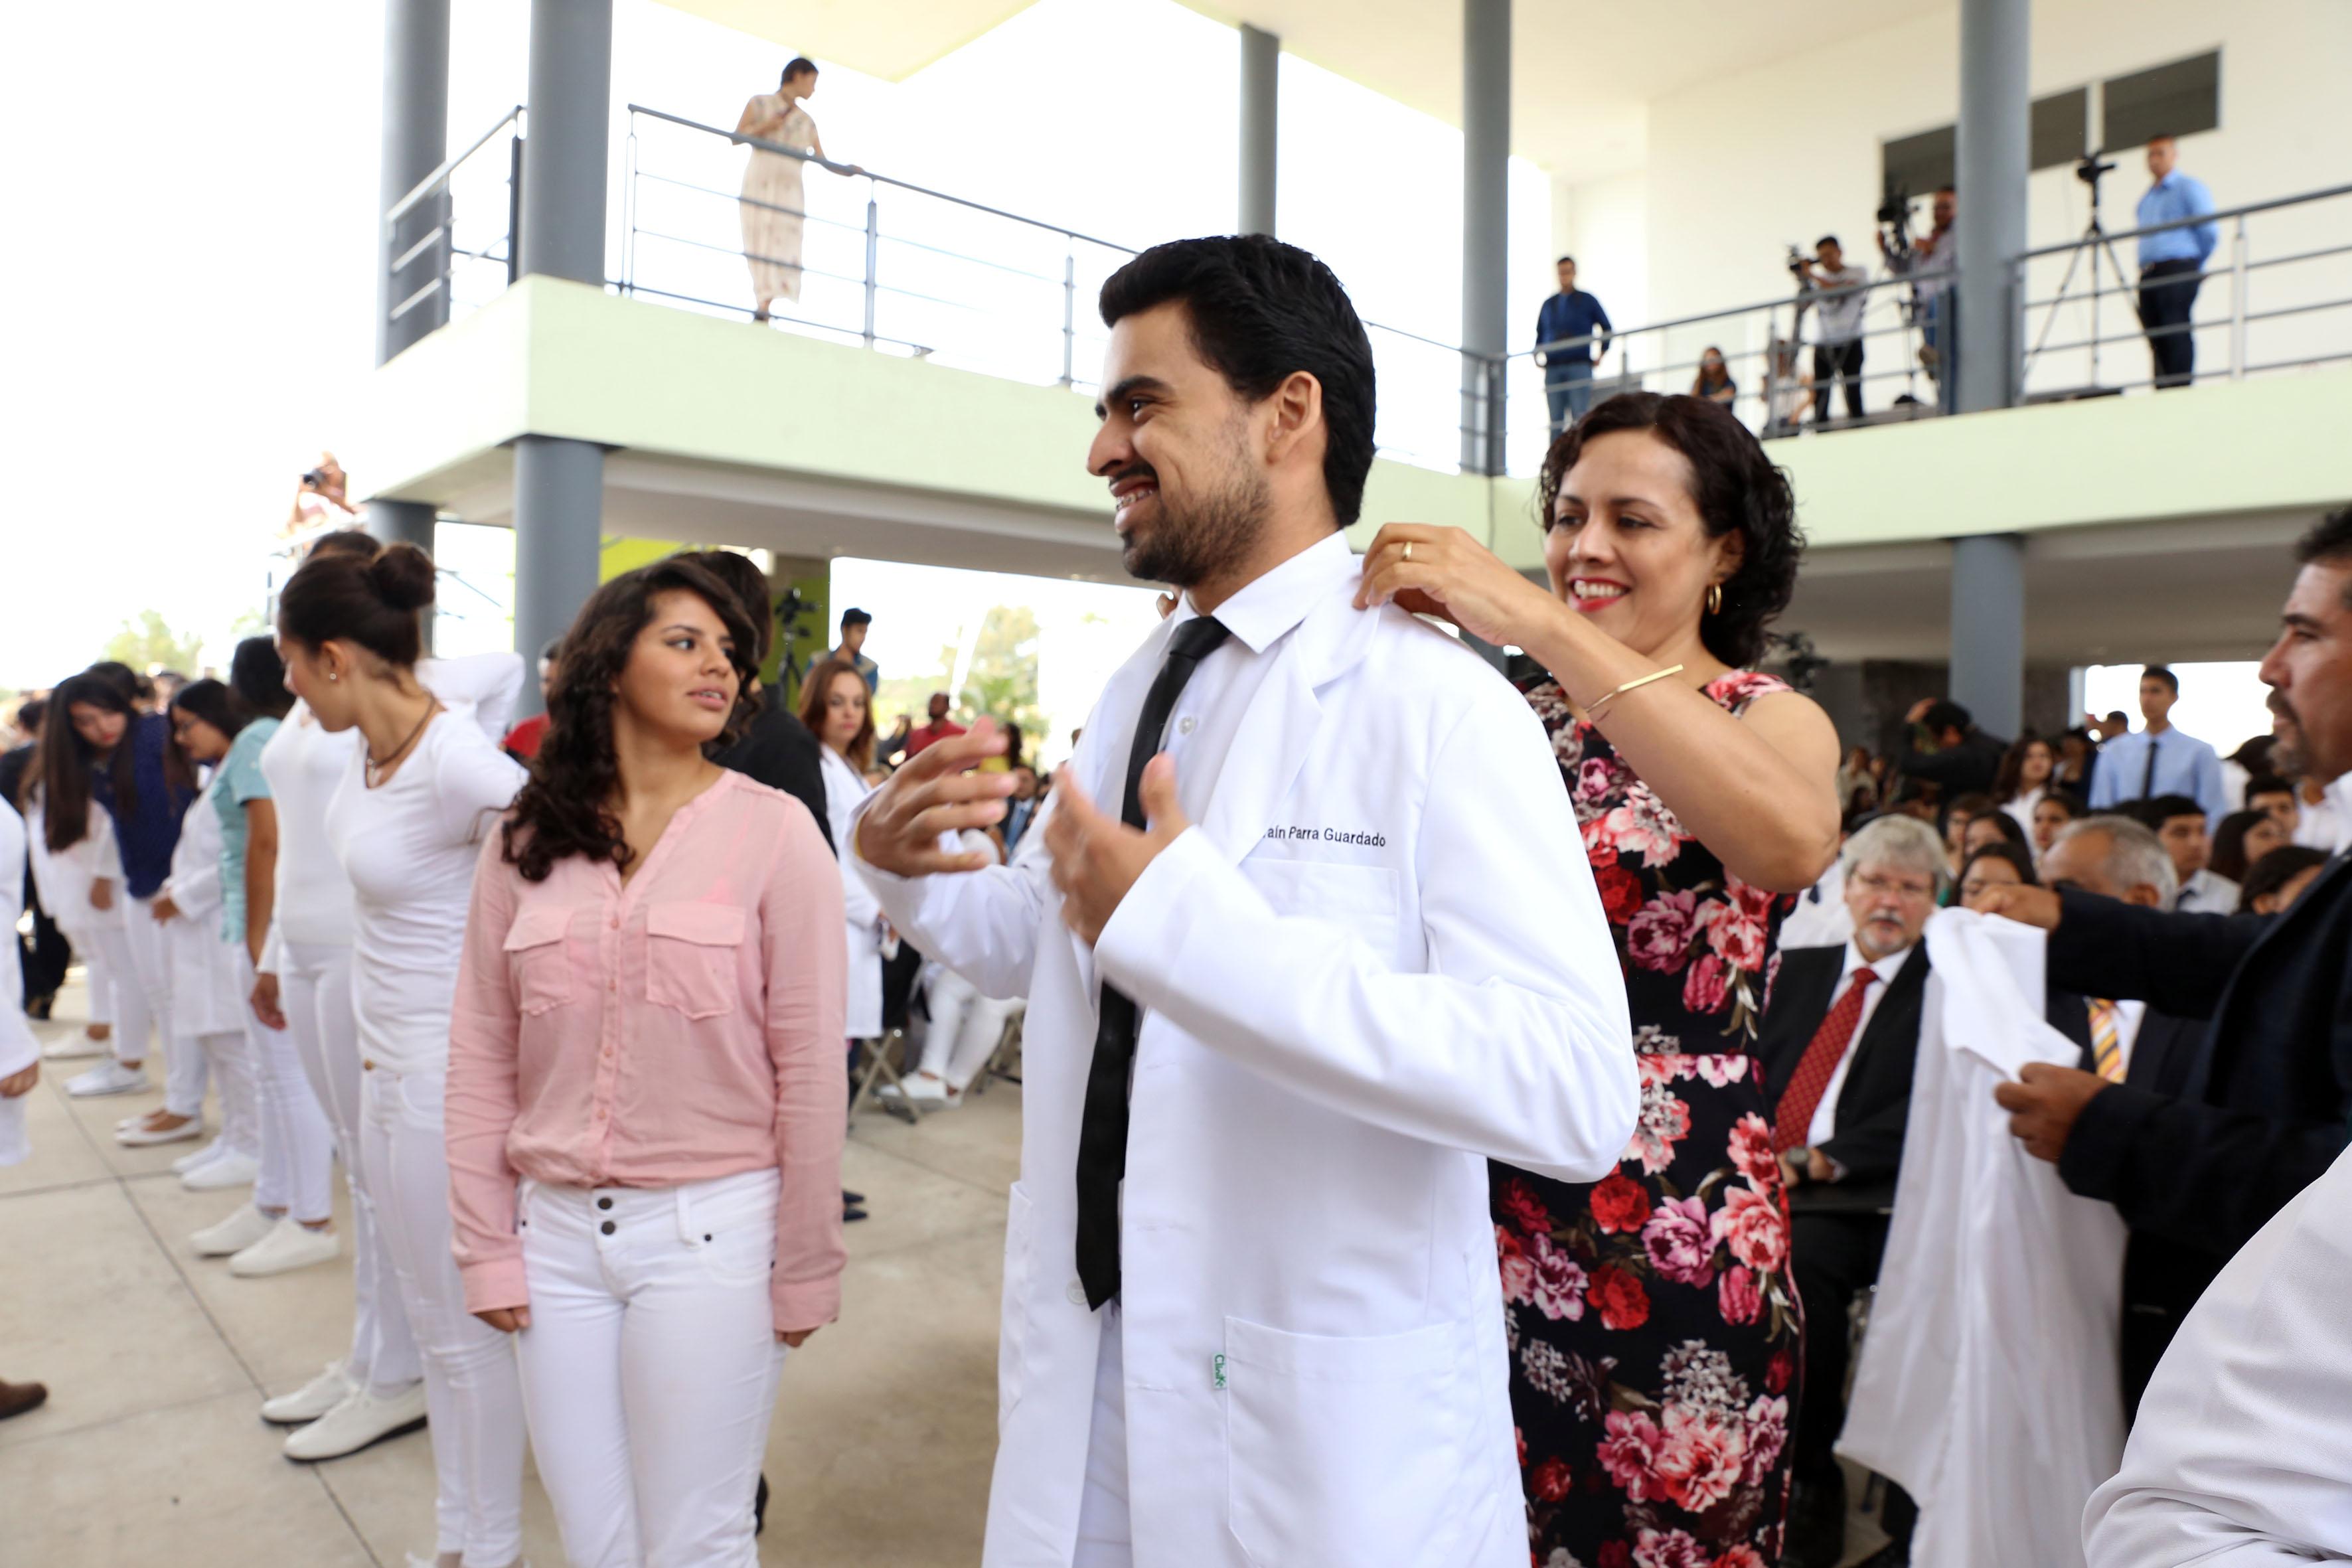 Estudiantes de medicina recibiendo bata por parte de su madre